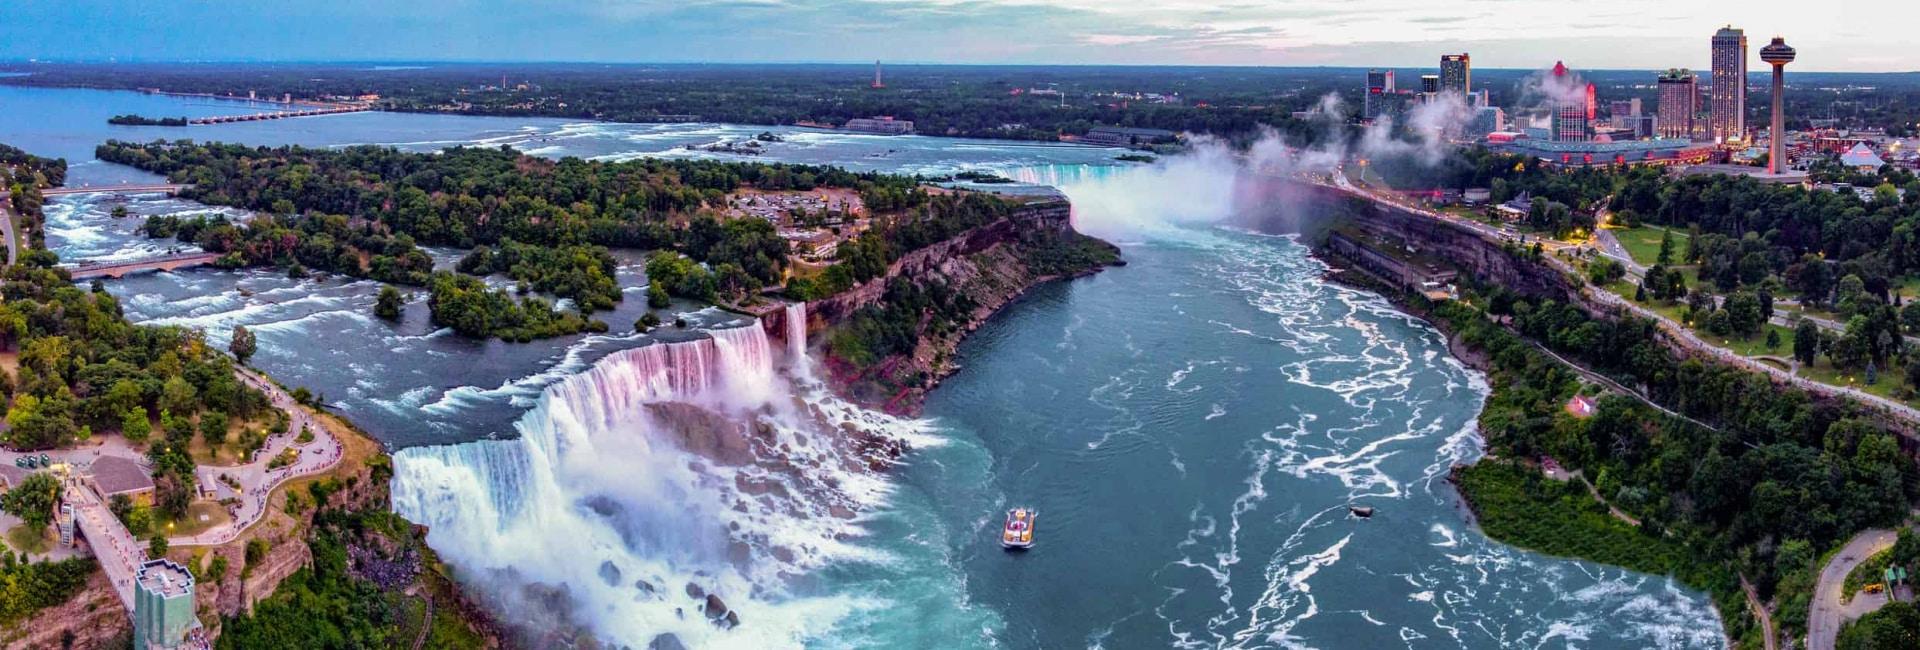 Niagara Falls og Toronto, Canada